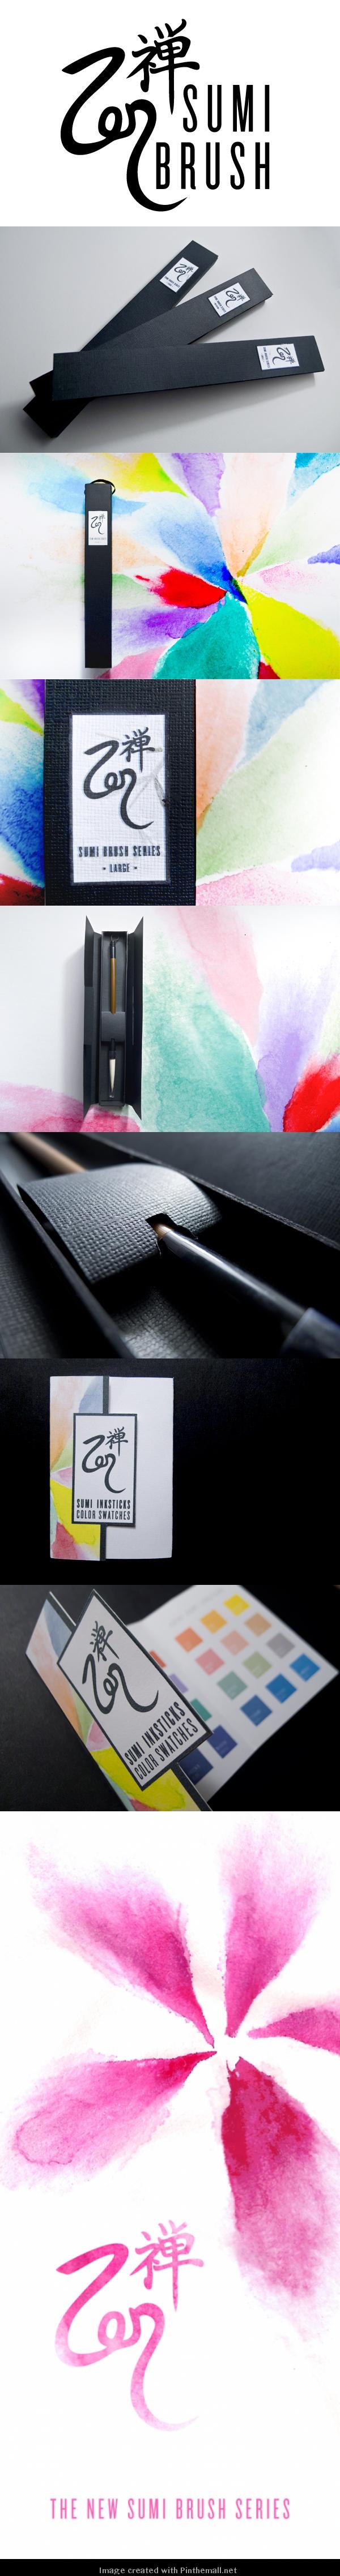 Zen sumi brush packaging concept